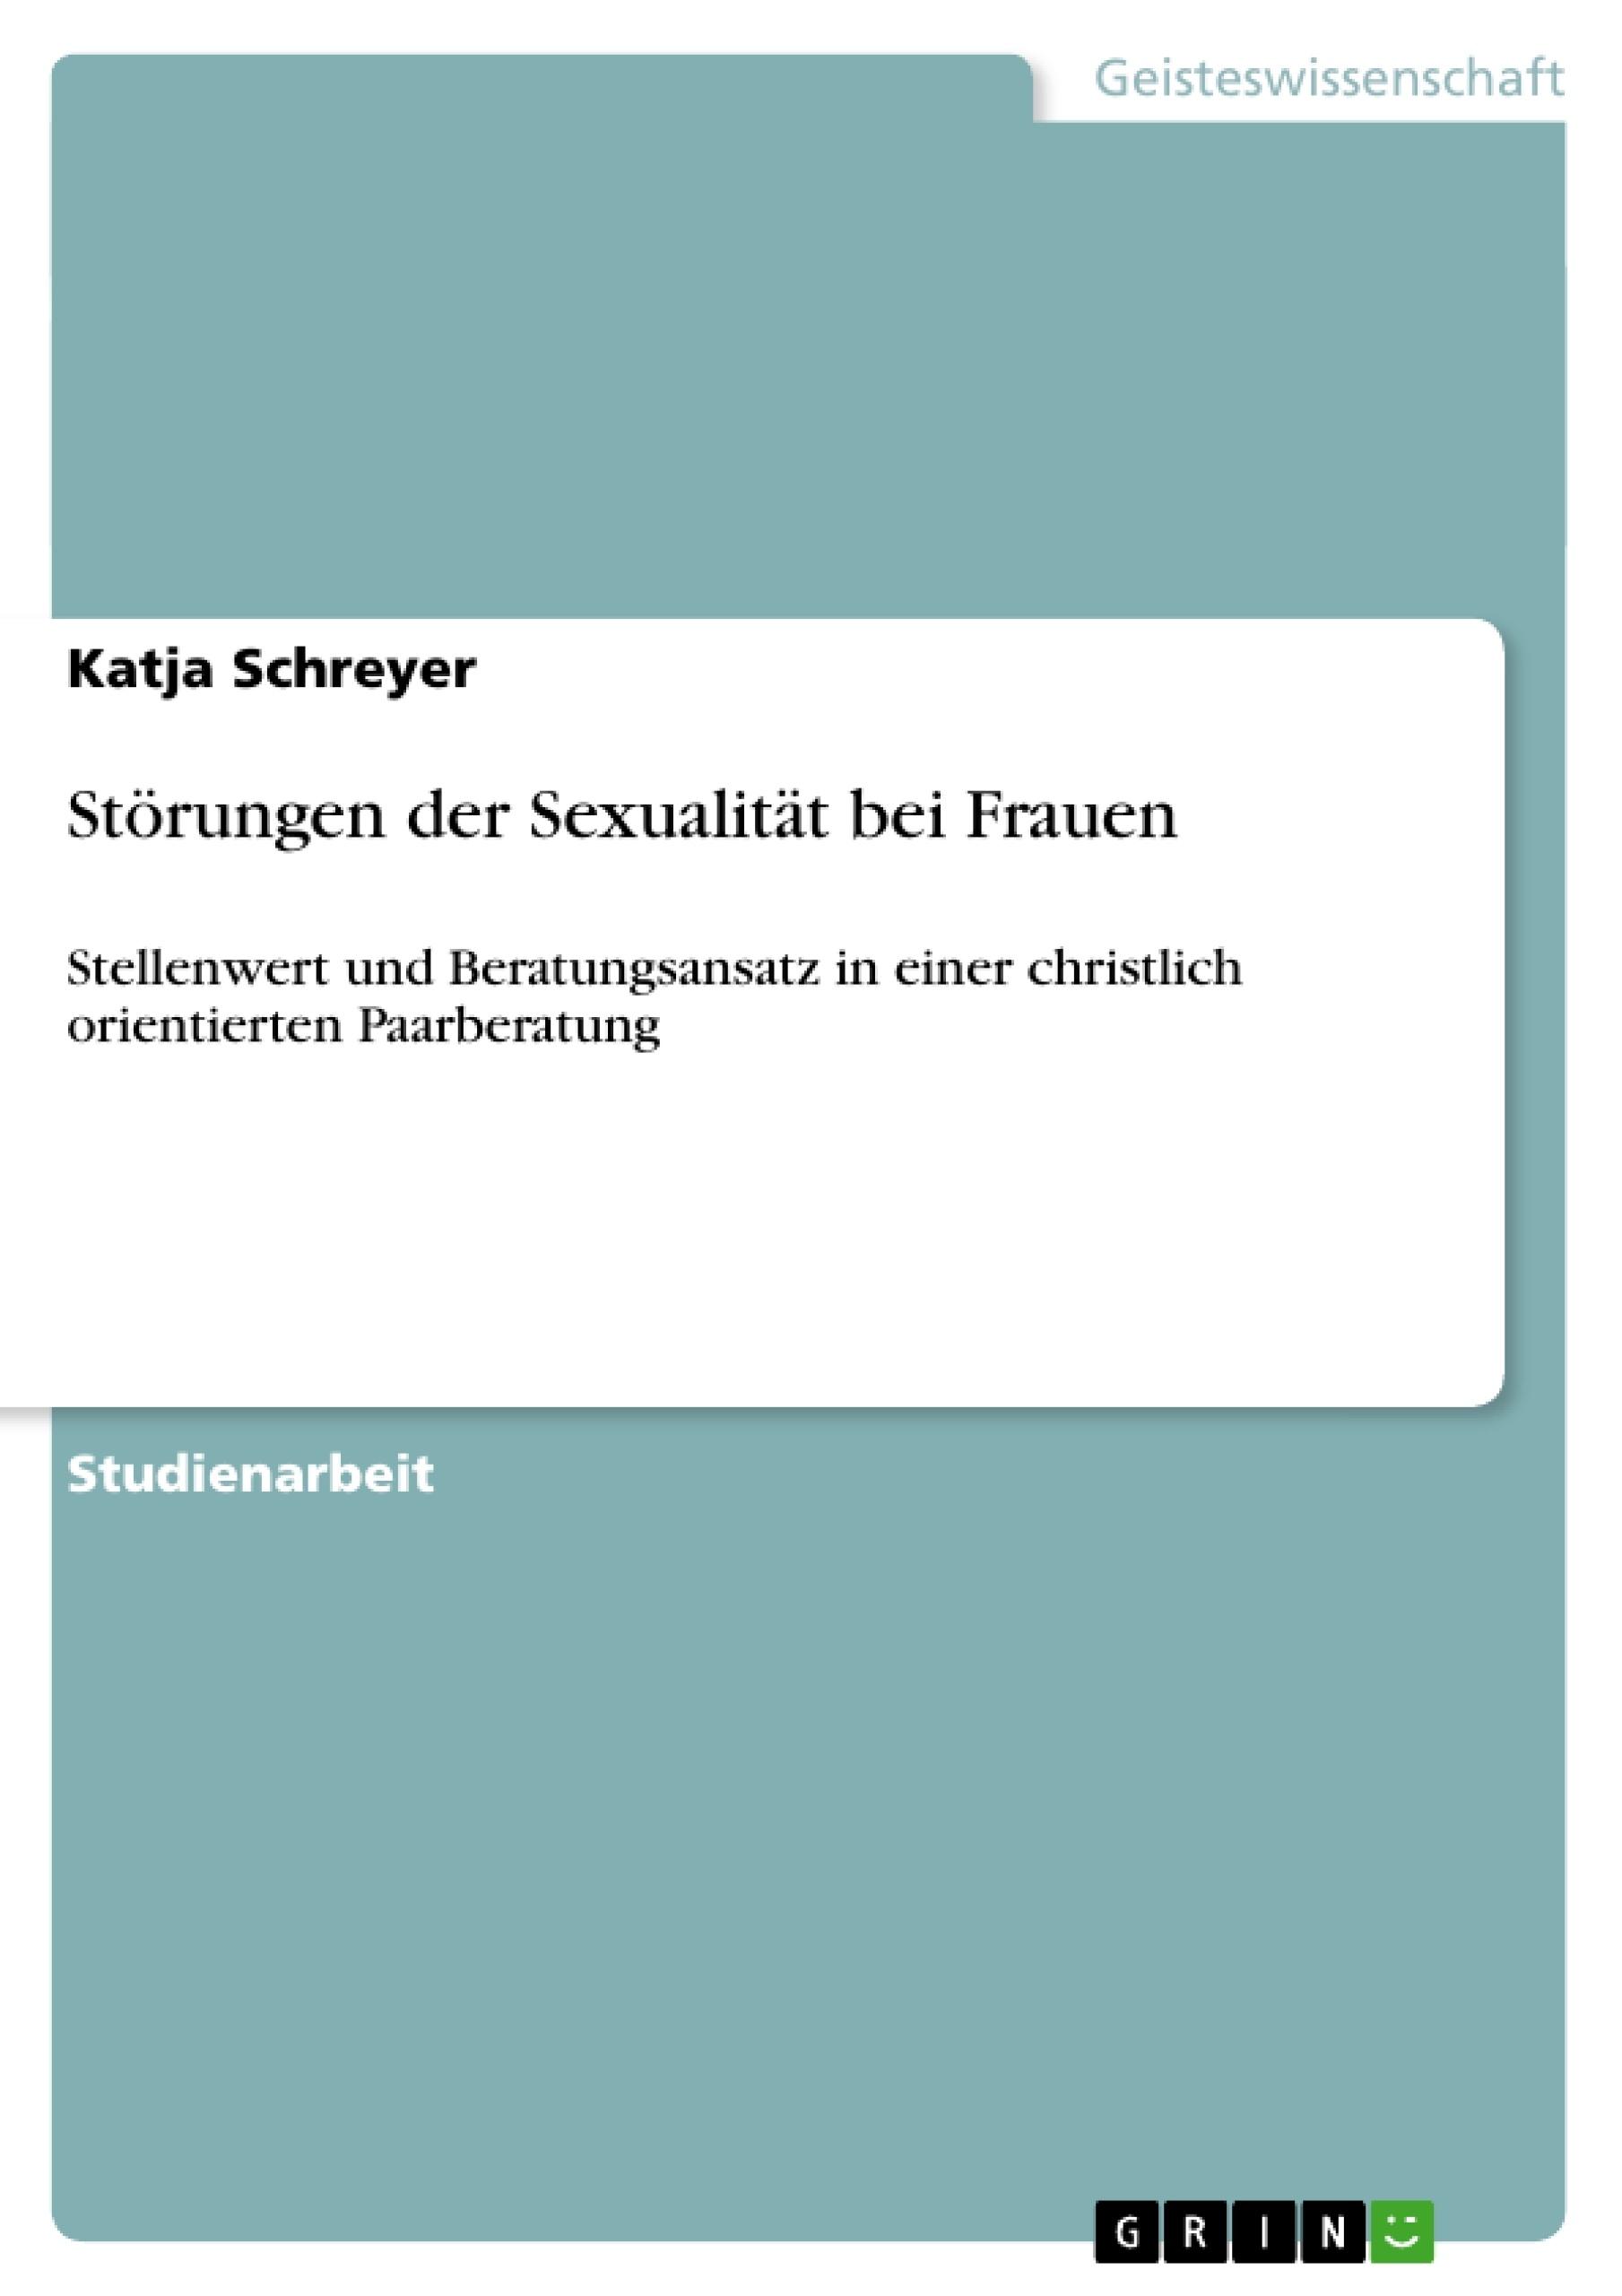 Titel: Störungen der Sexualität bei Frauen